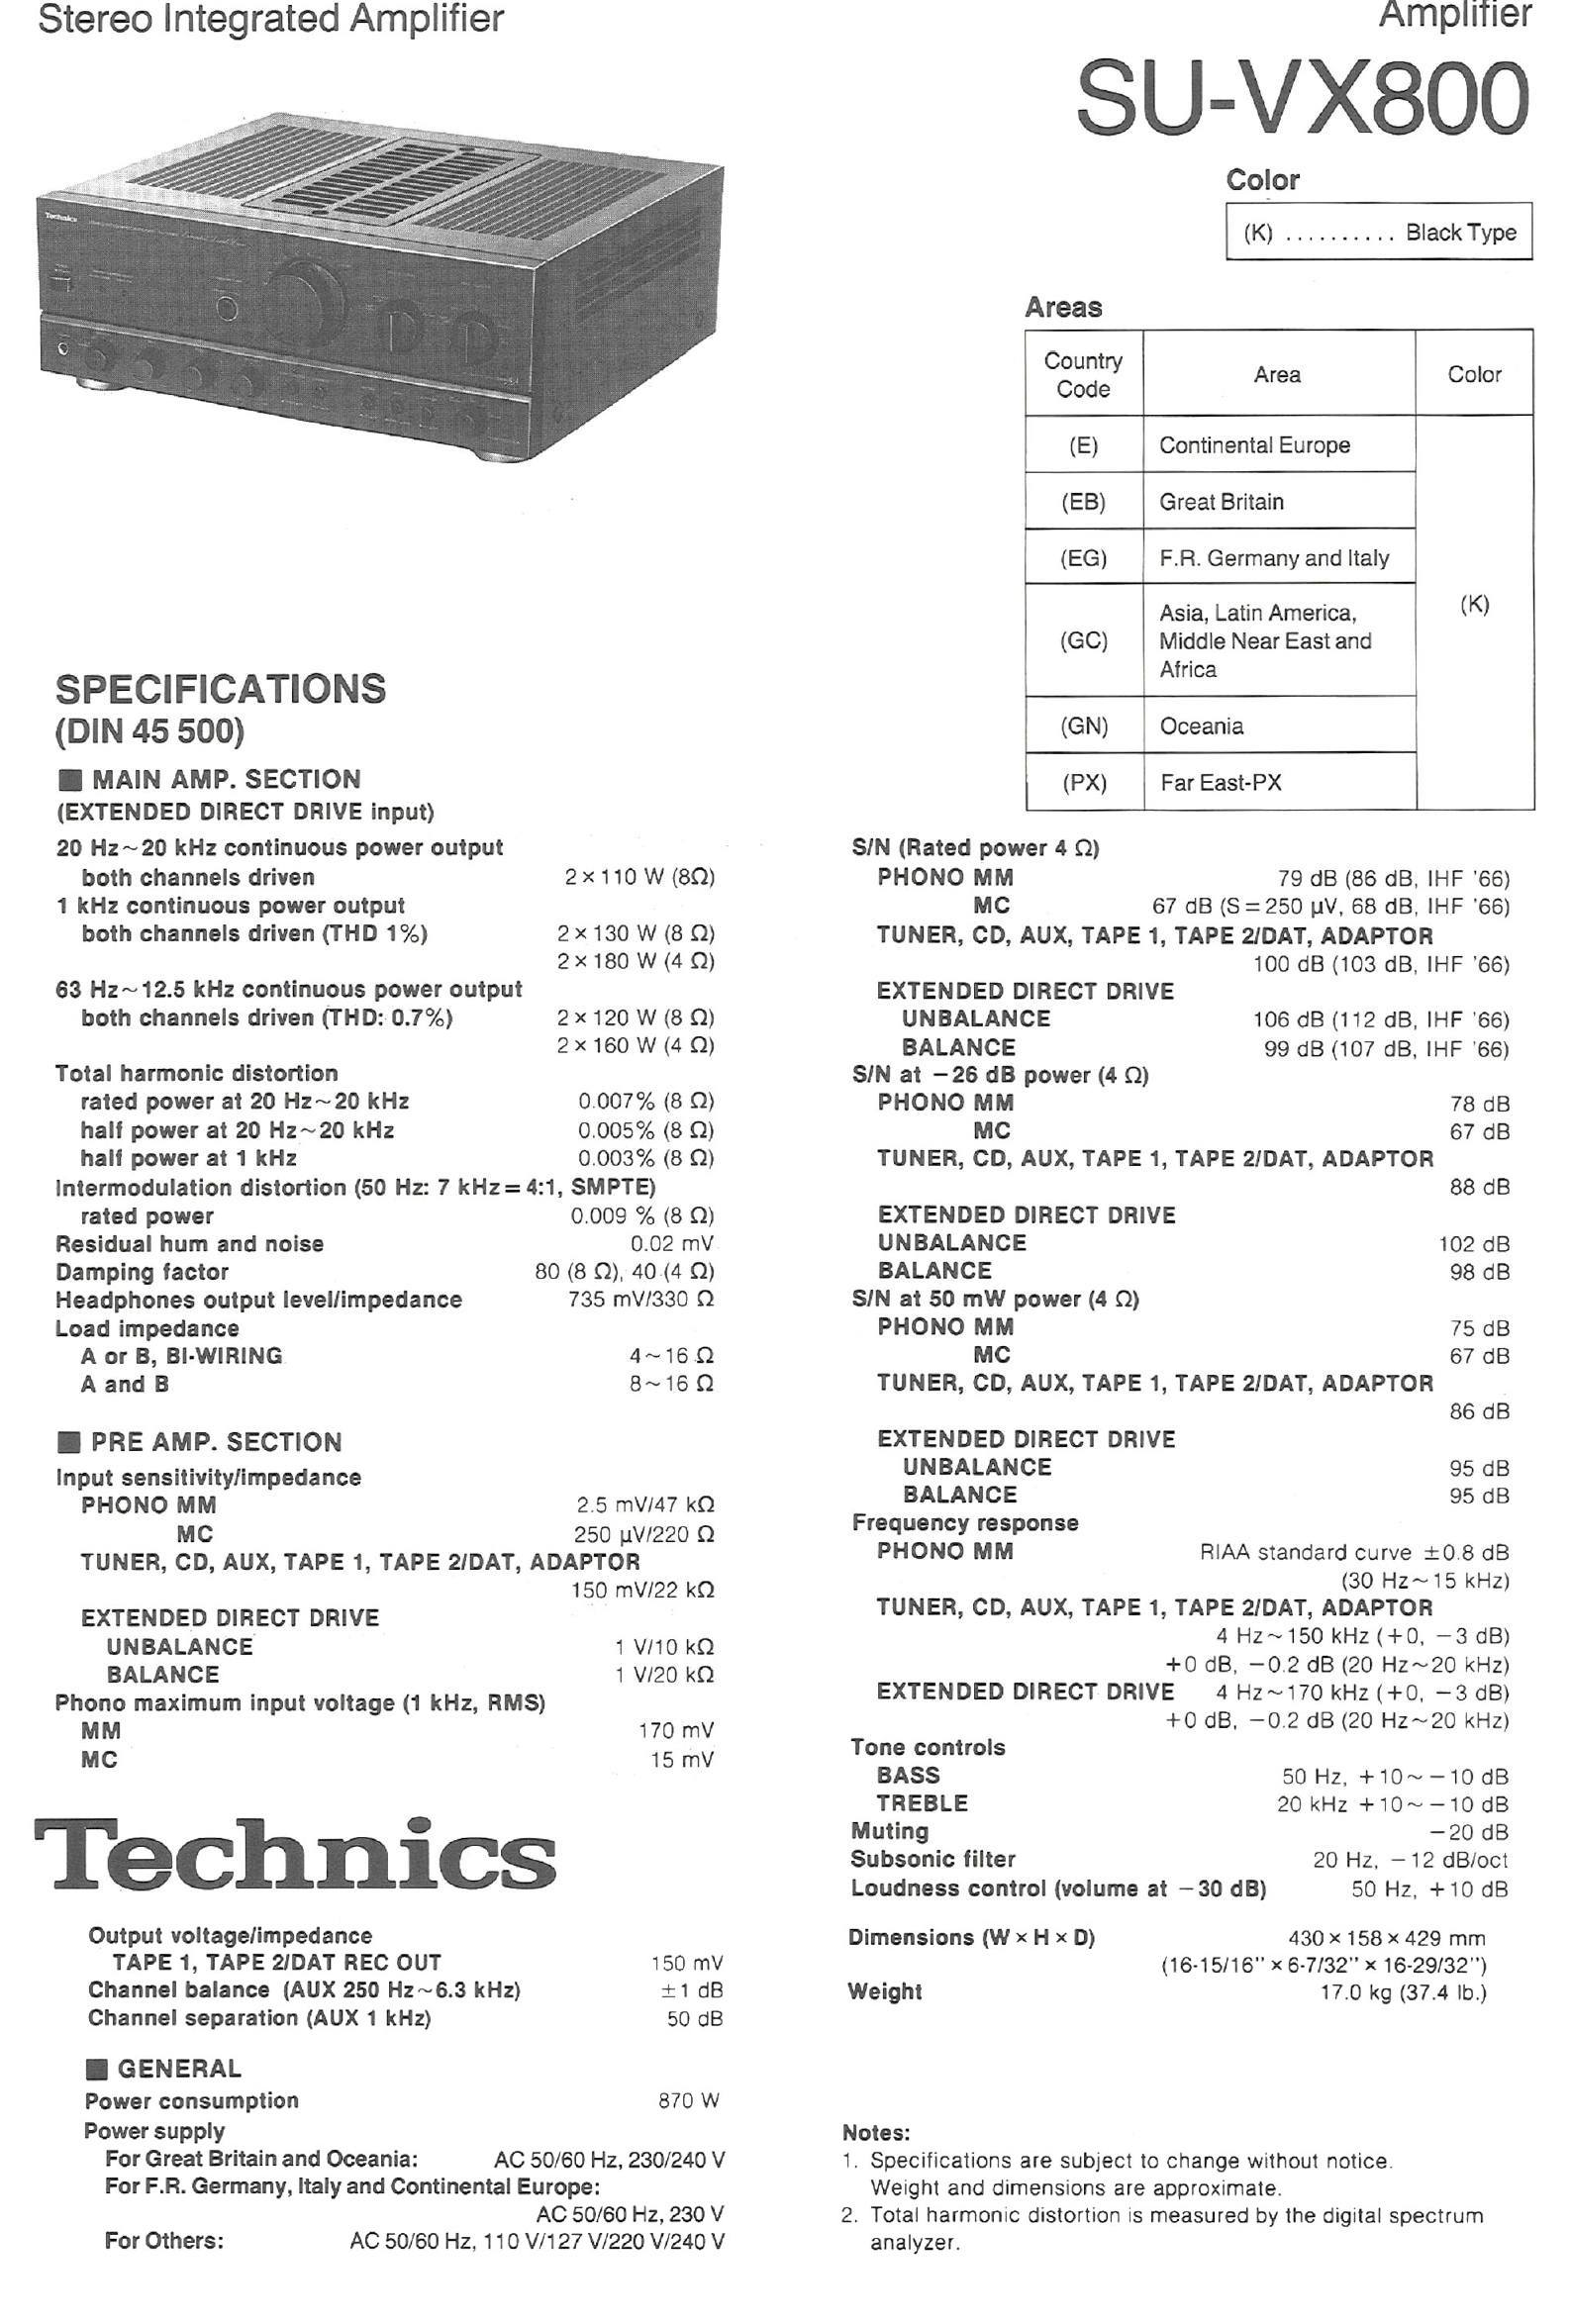 technics_su-vx800_specs